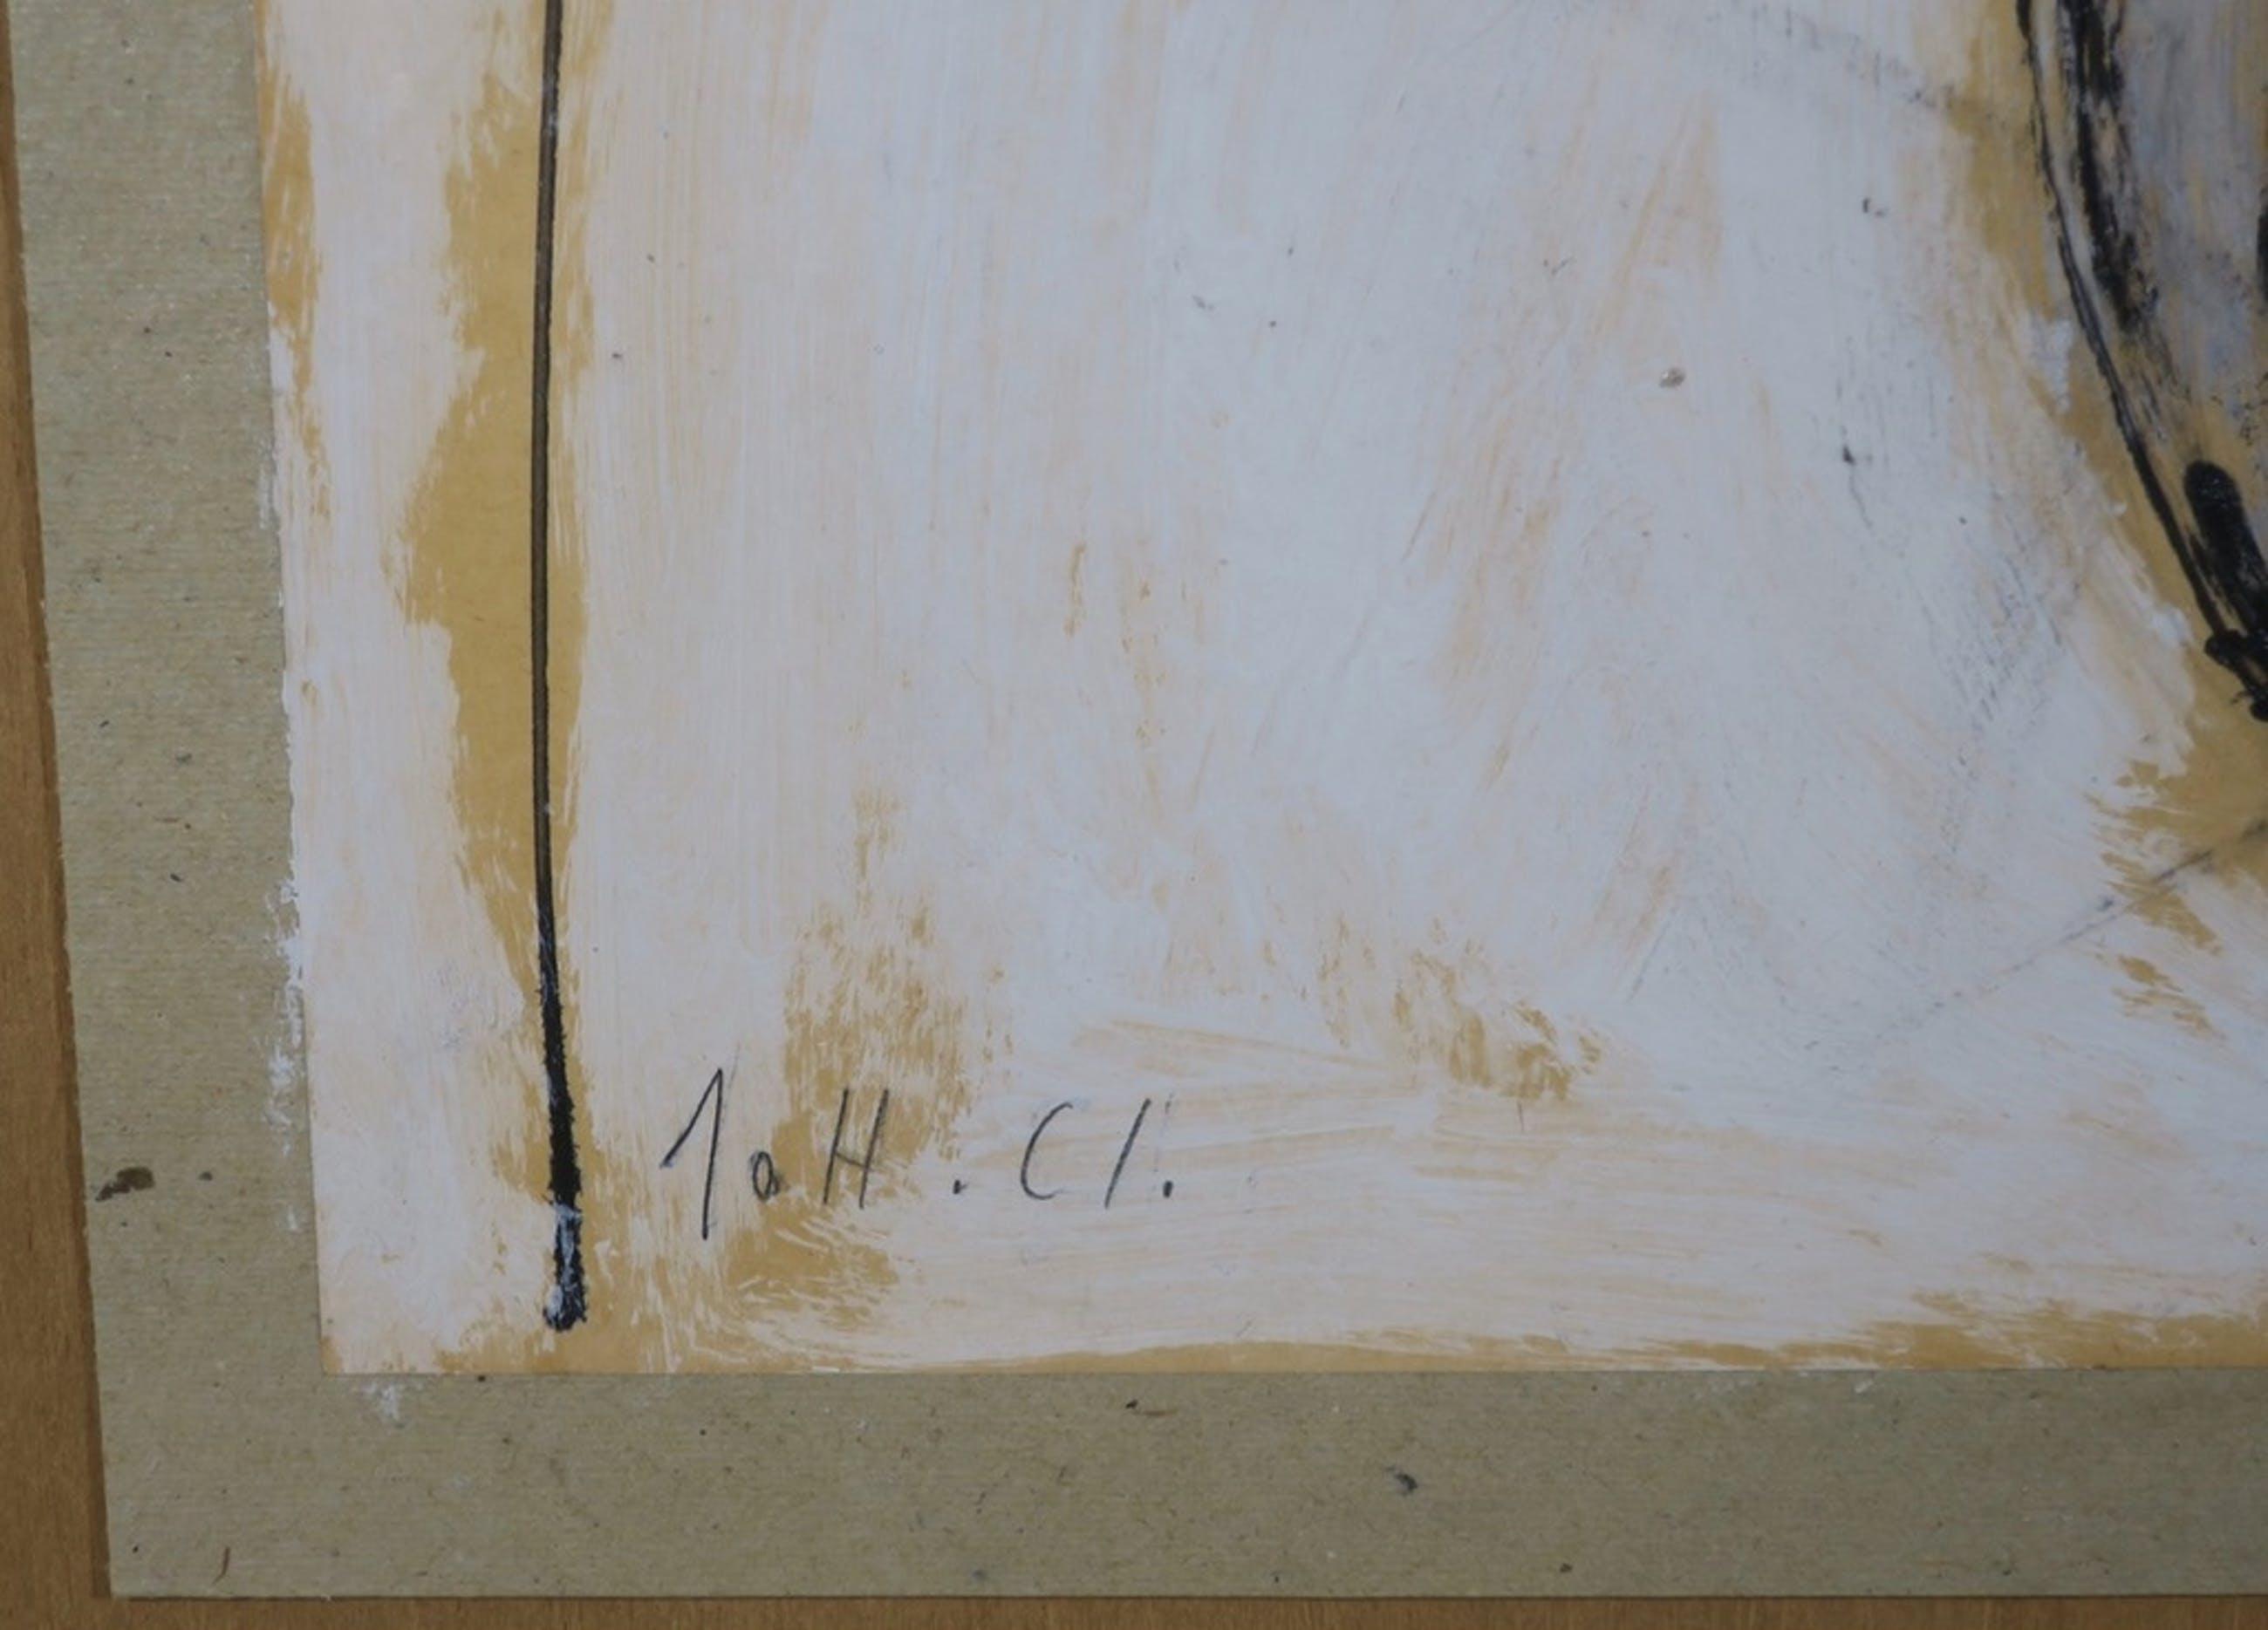 Johan Claassen: Acryl op papier, Uiteenvallende hond - Ingelijst kopen? Bied vanaf 150!